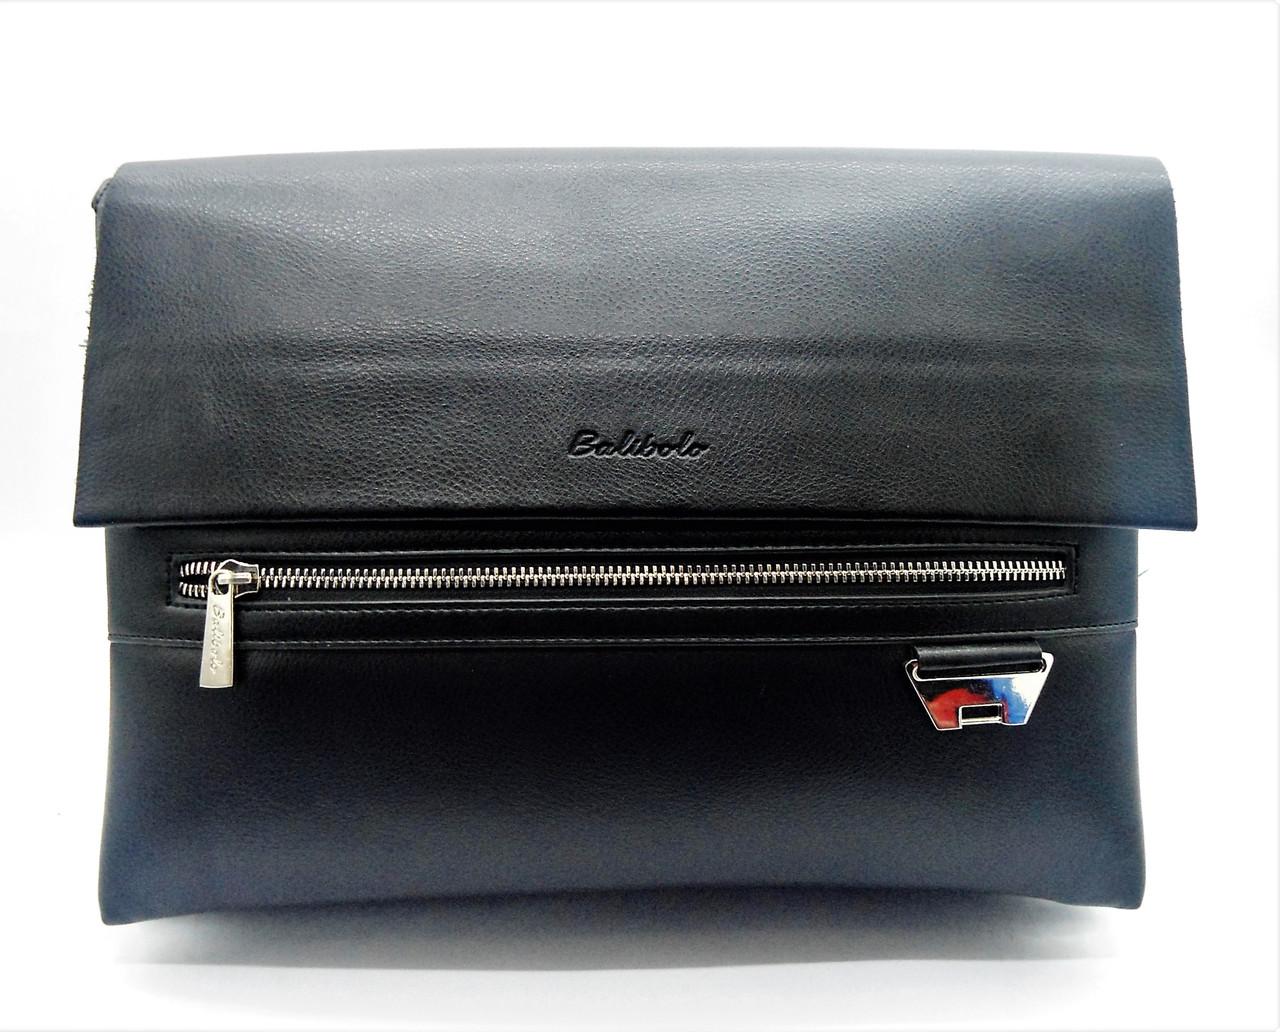 Мужская сумка-портфель Balibolo черного цвета СМ-86, фото 1